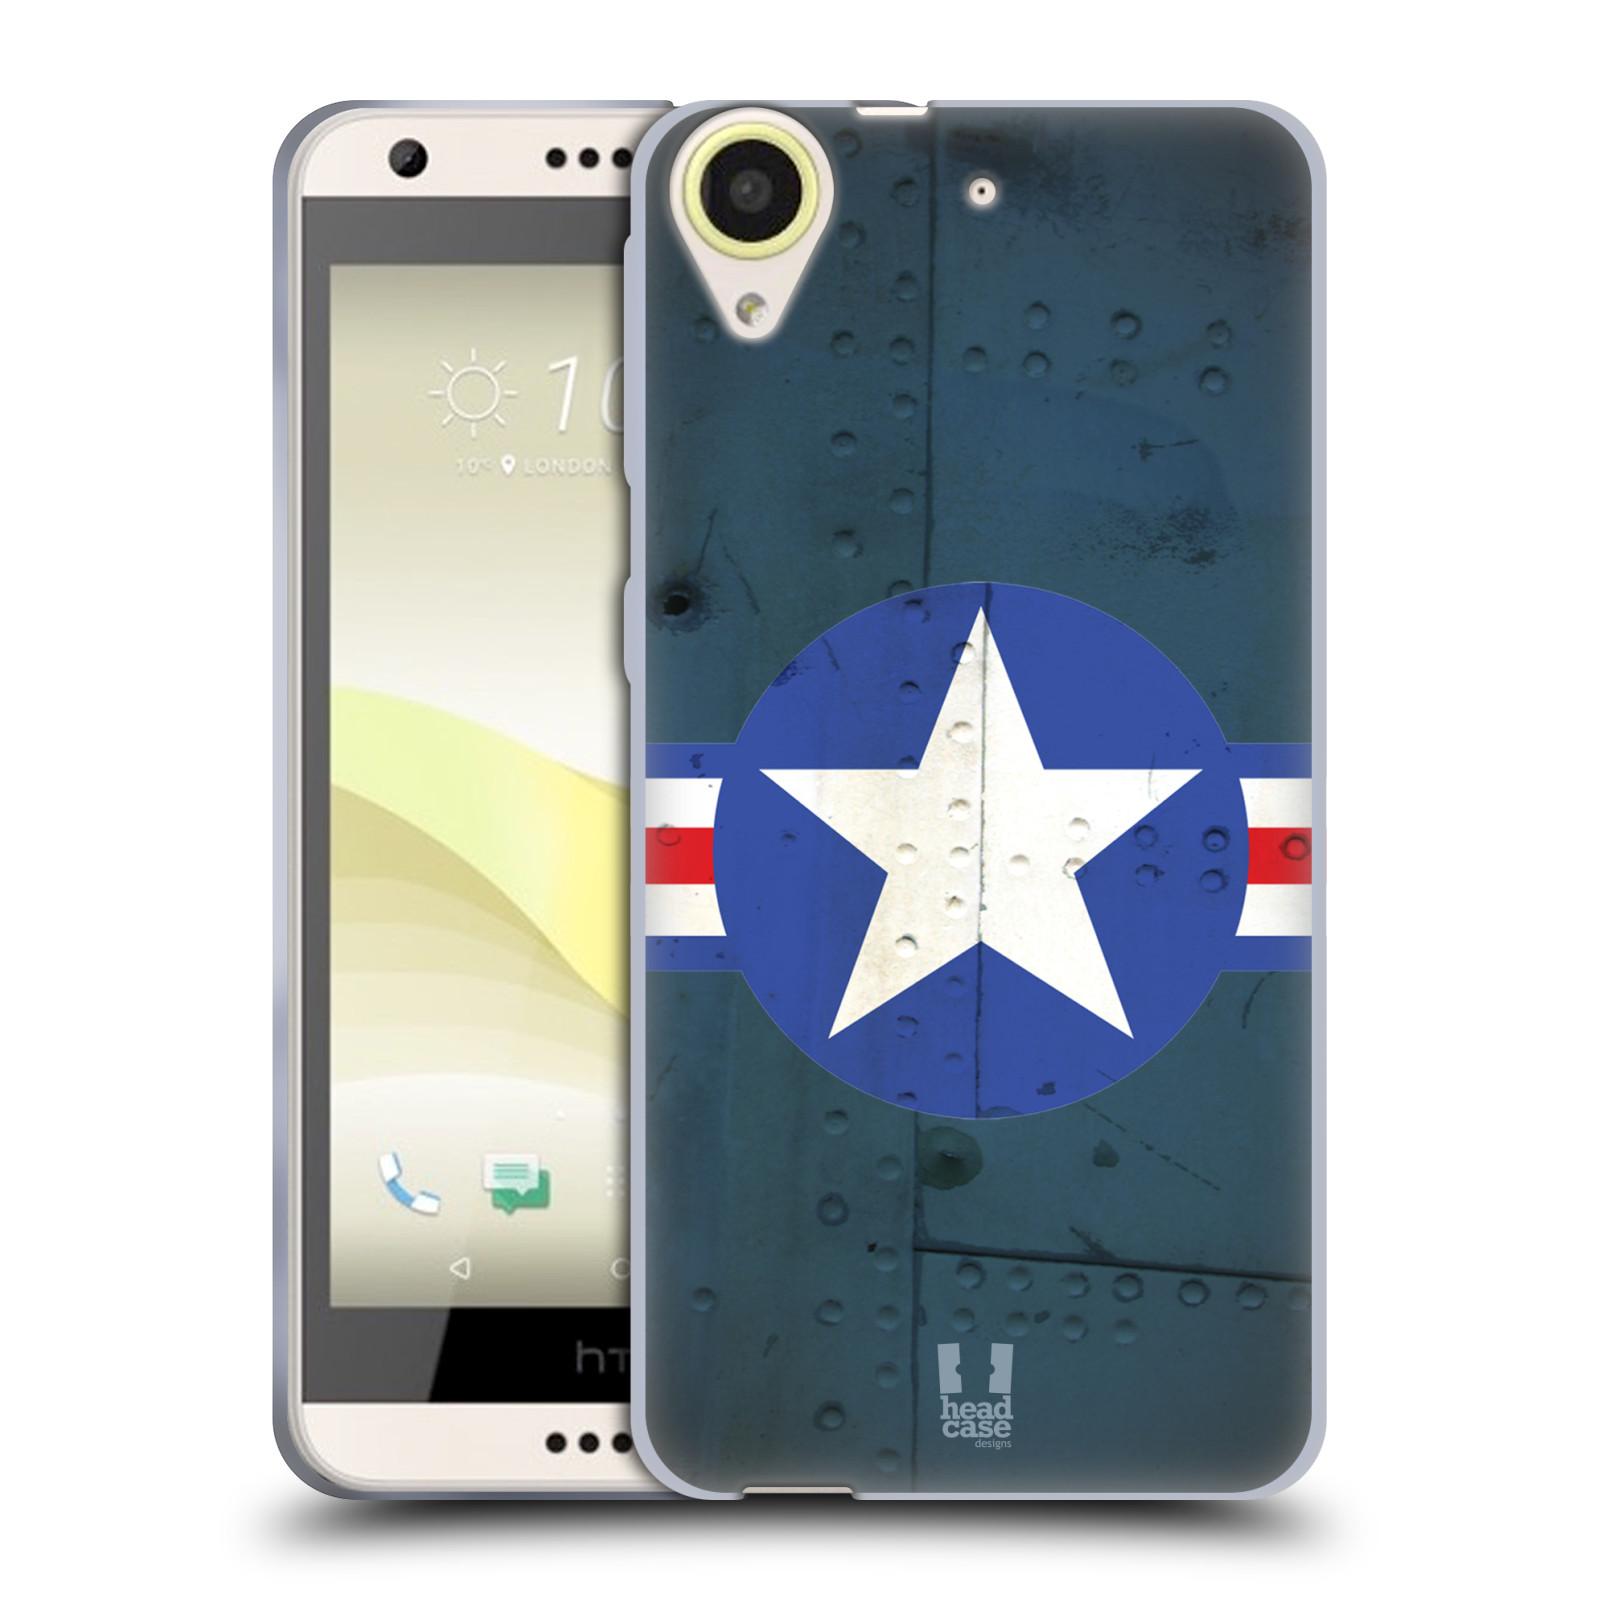 Silikonové pouzdro na mobil HTC Desire 650 HEAD CASE POSTWAR (Silikonový kryt či obal na mobilní telefon HTC Desire 650)